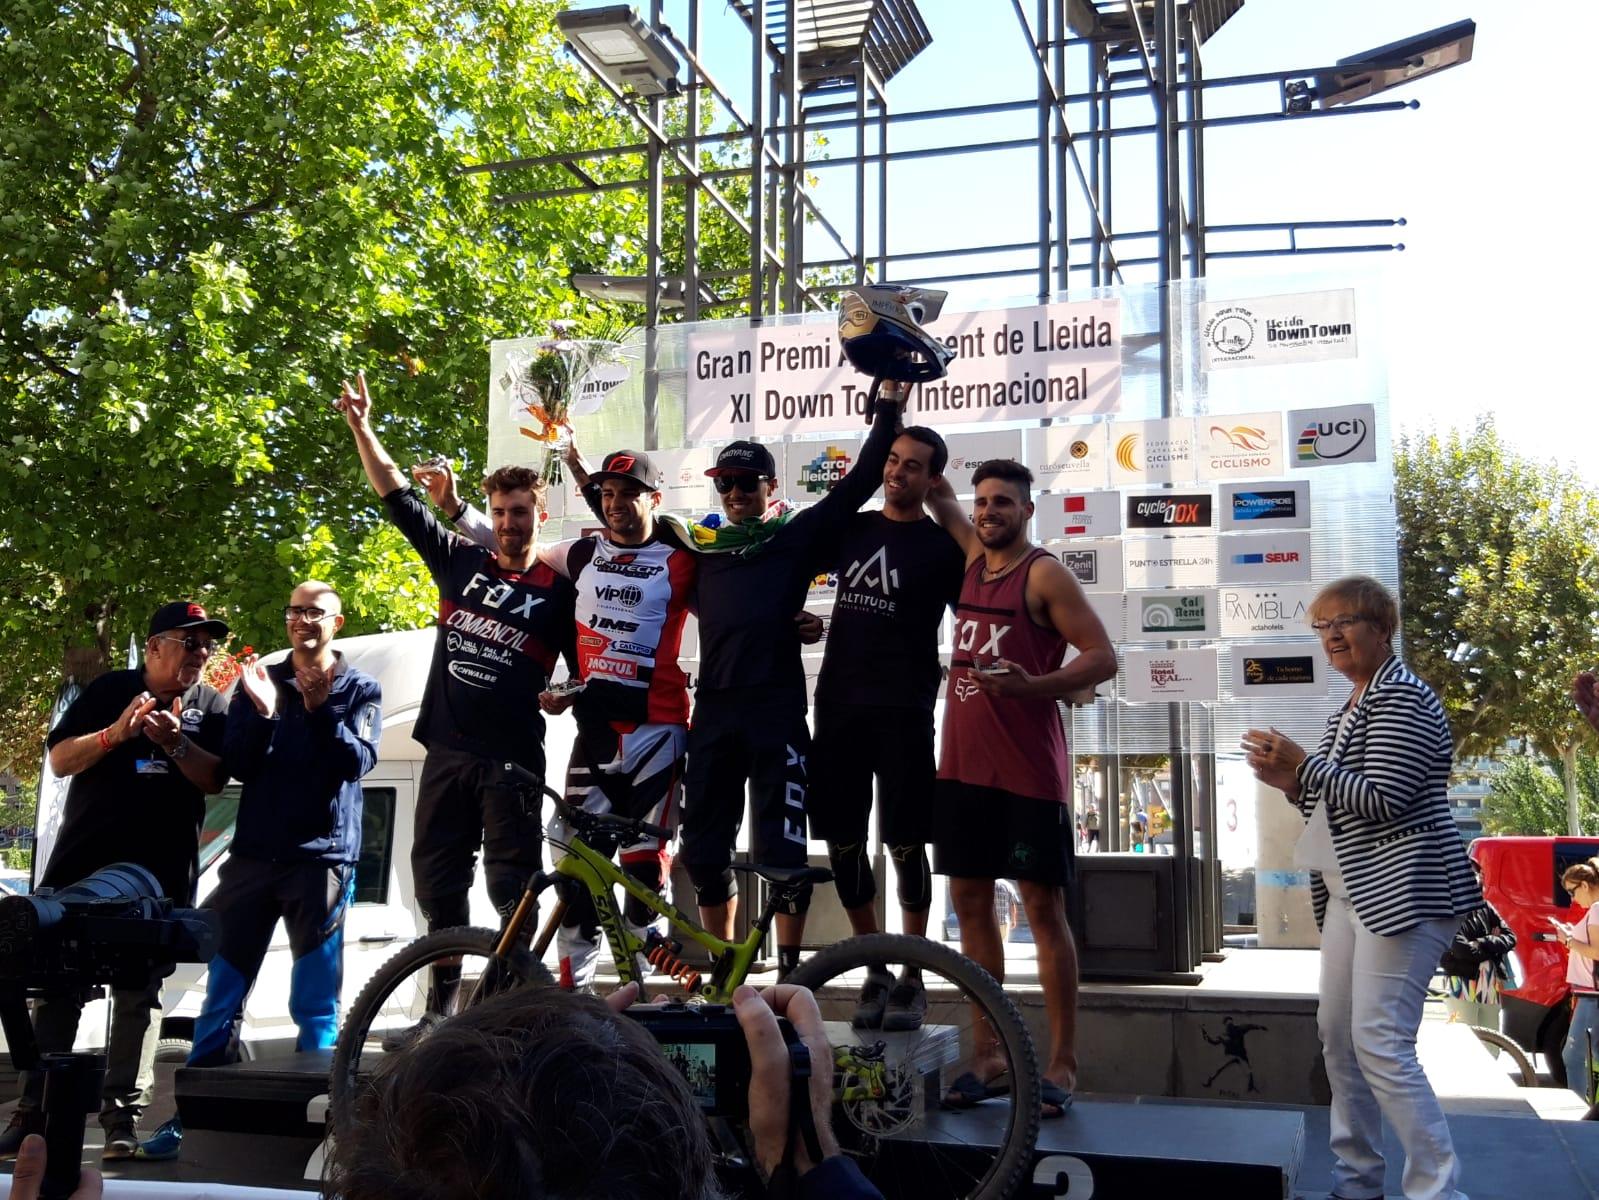 Henrique Miranda Walace repeteix com a rei del XI Downtown Gran Premi Internacional Ciutat de Lleida